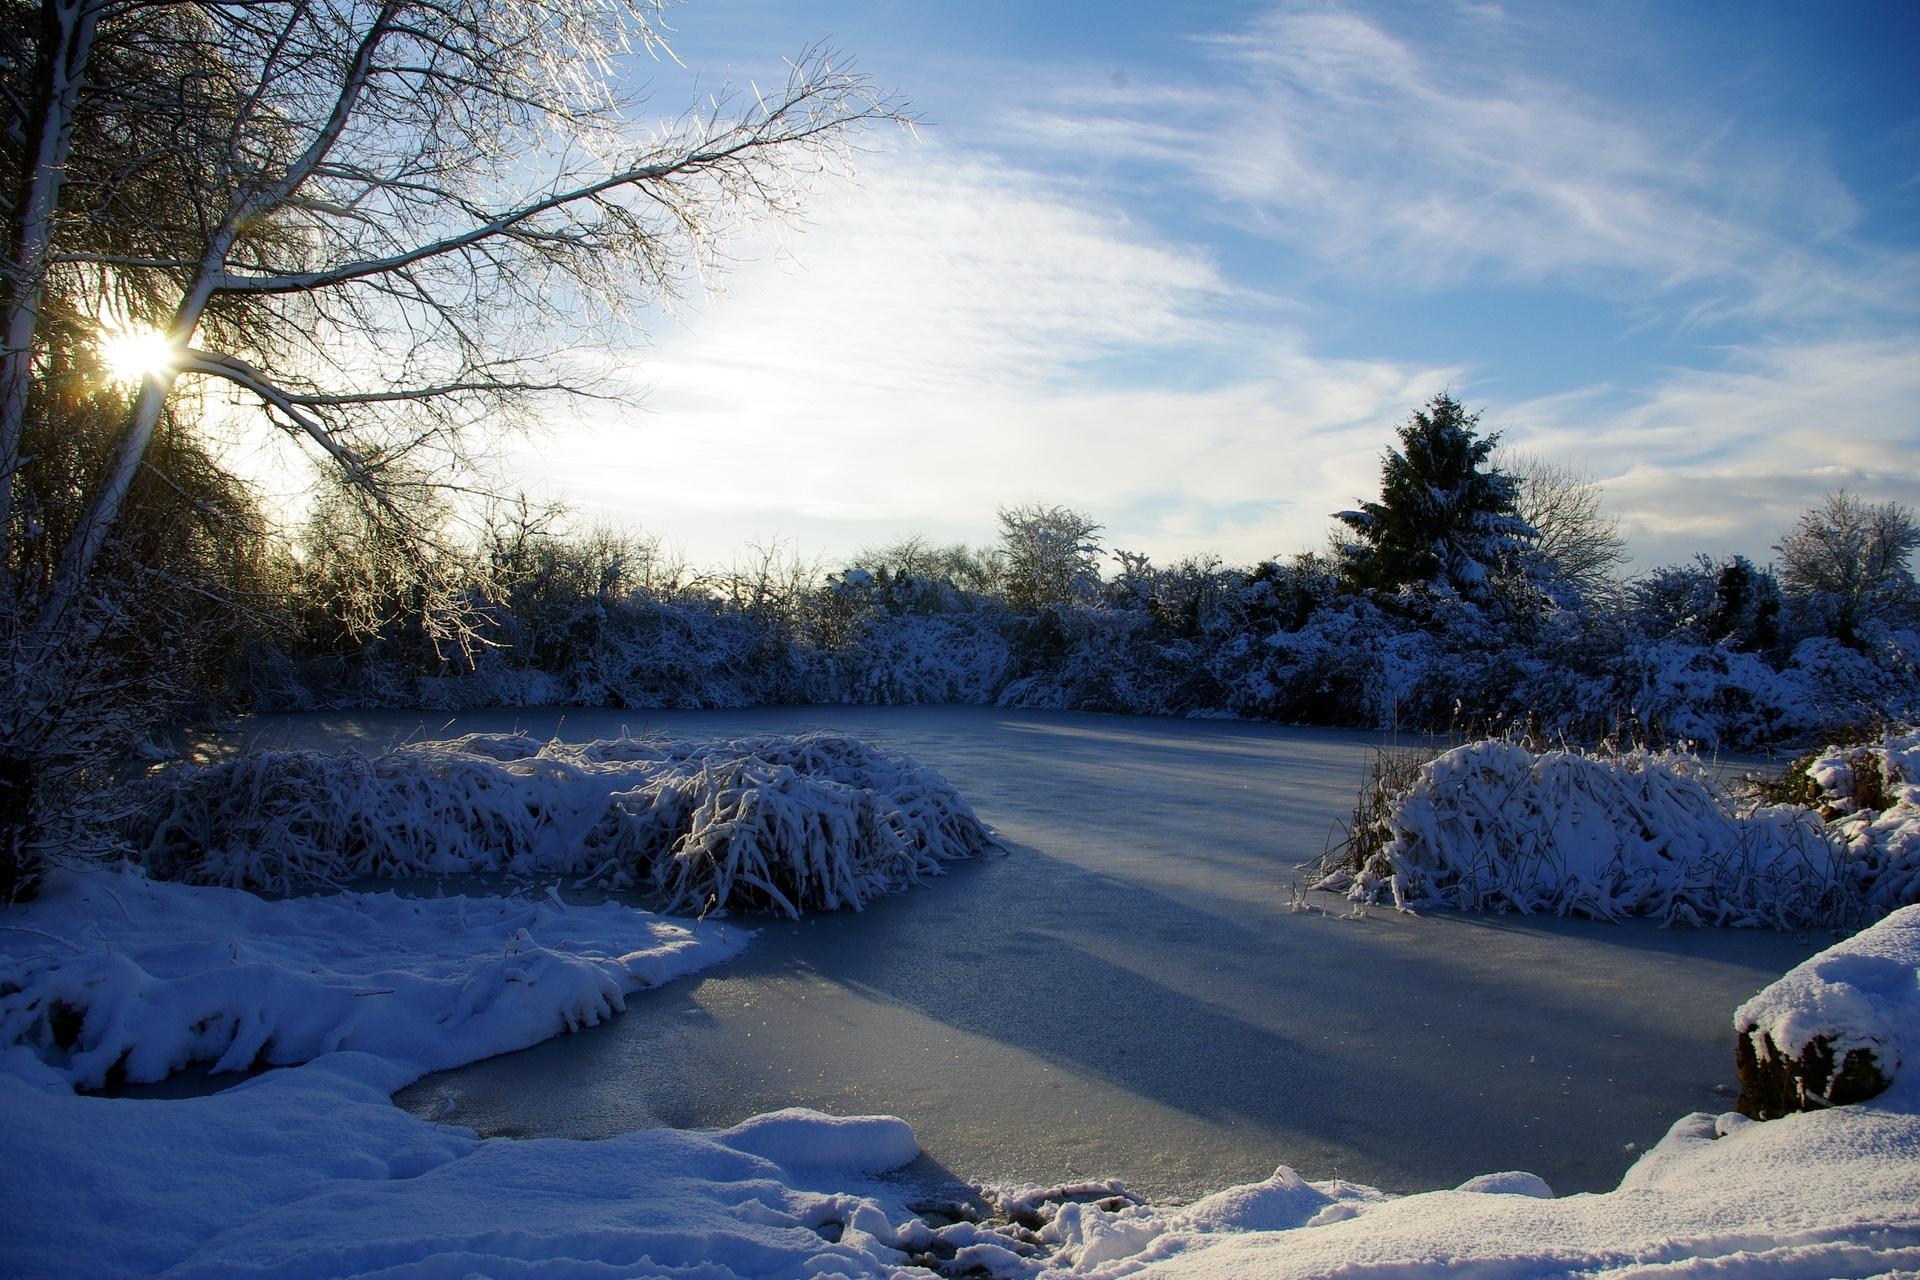 53065壁紙のダウンロード自然, フランス, 湖, 氷, 霜, 冬, スカイ, 朝, 輝く, 光-スクリーンセーバーと写真を無料で